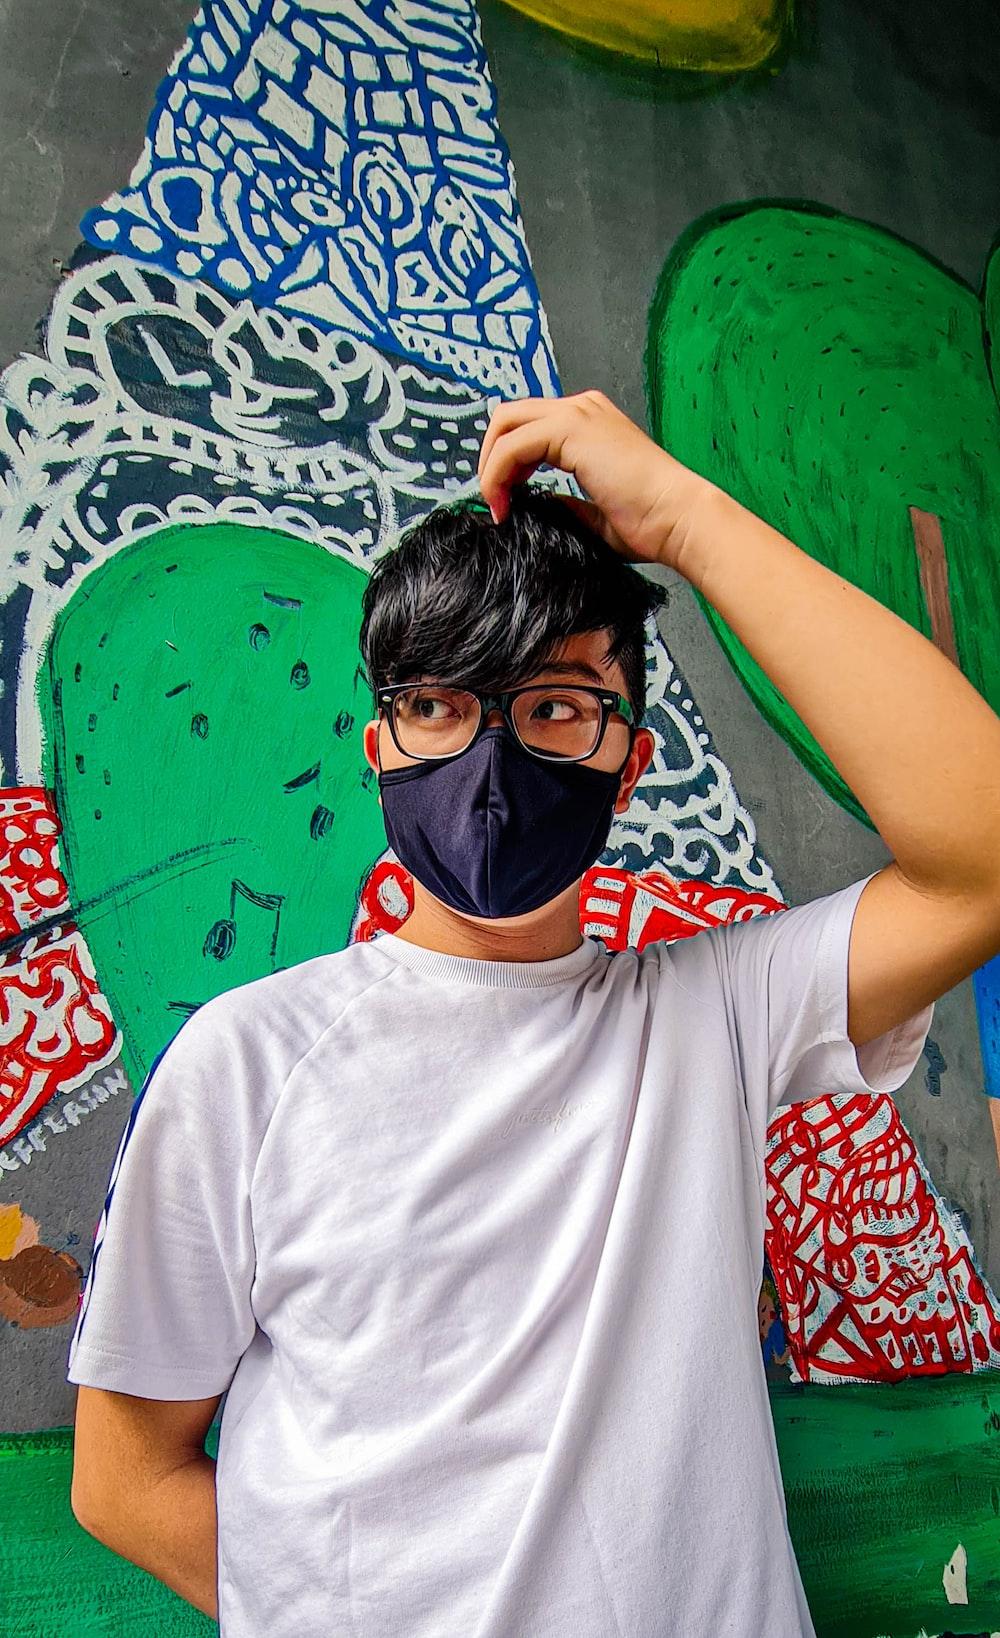 man in white crew neck t-shirt wearing black mask